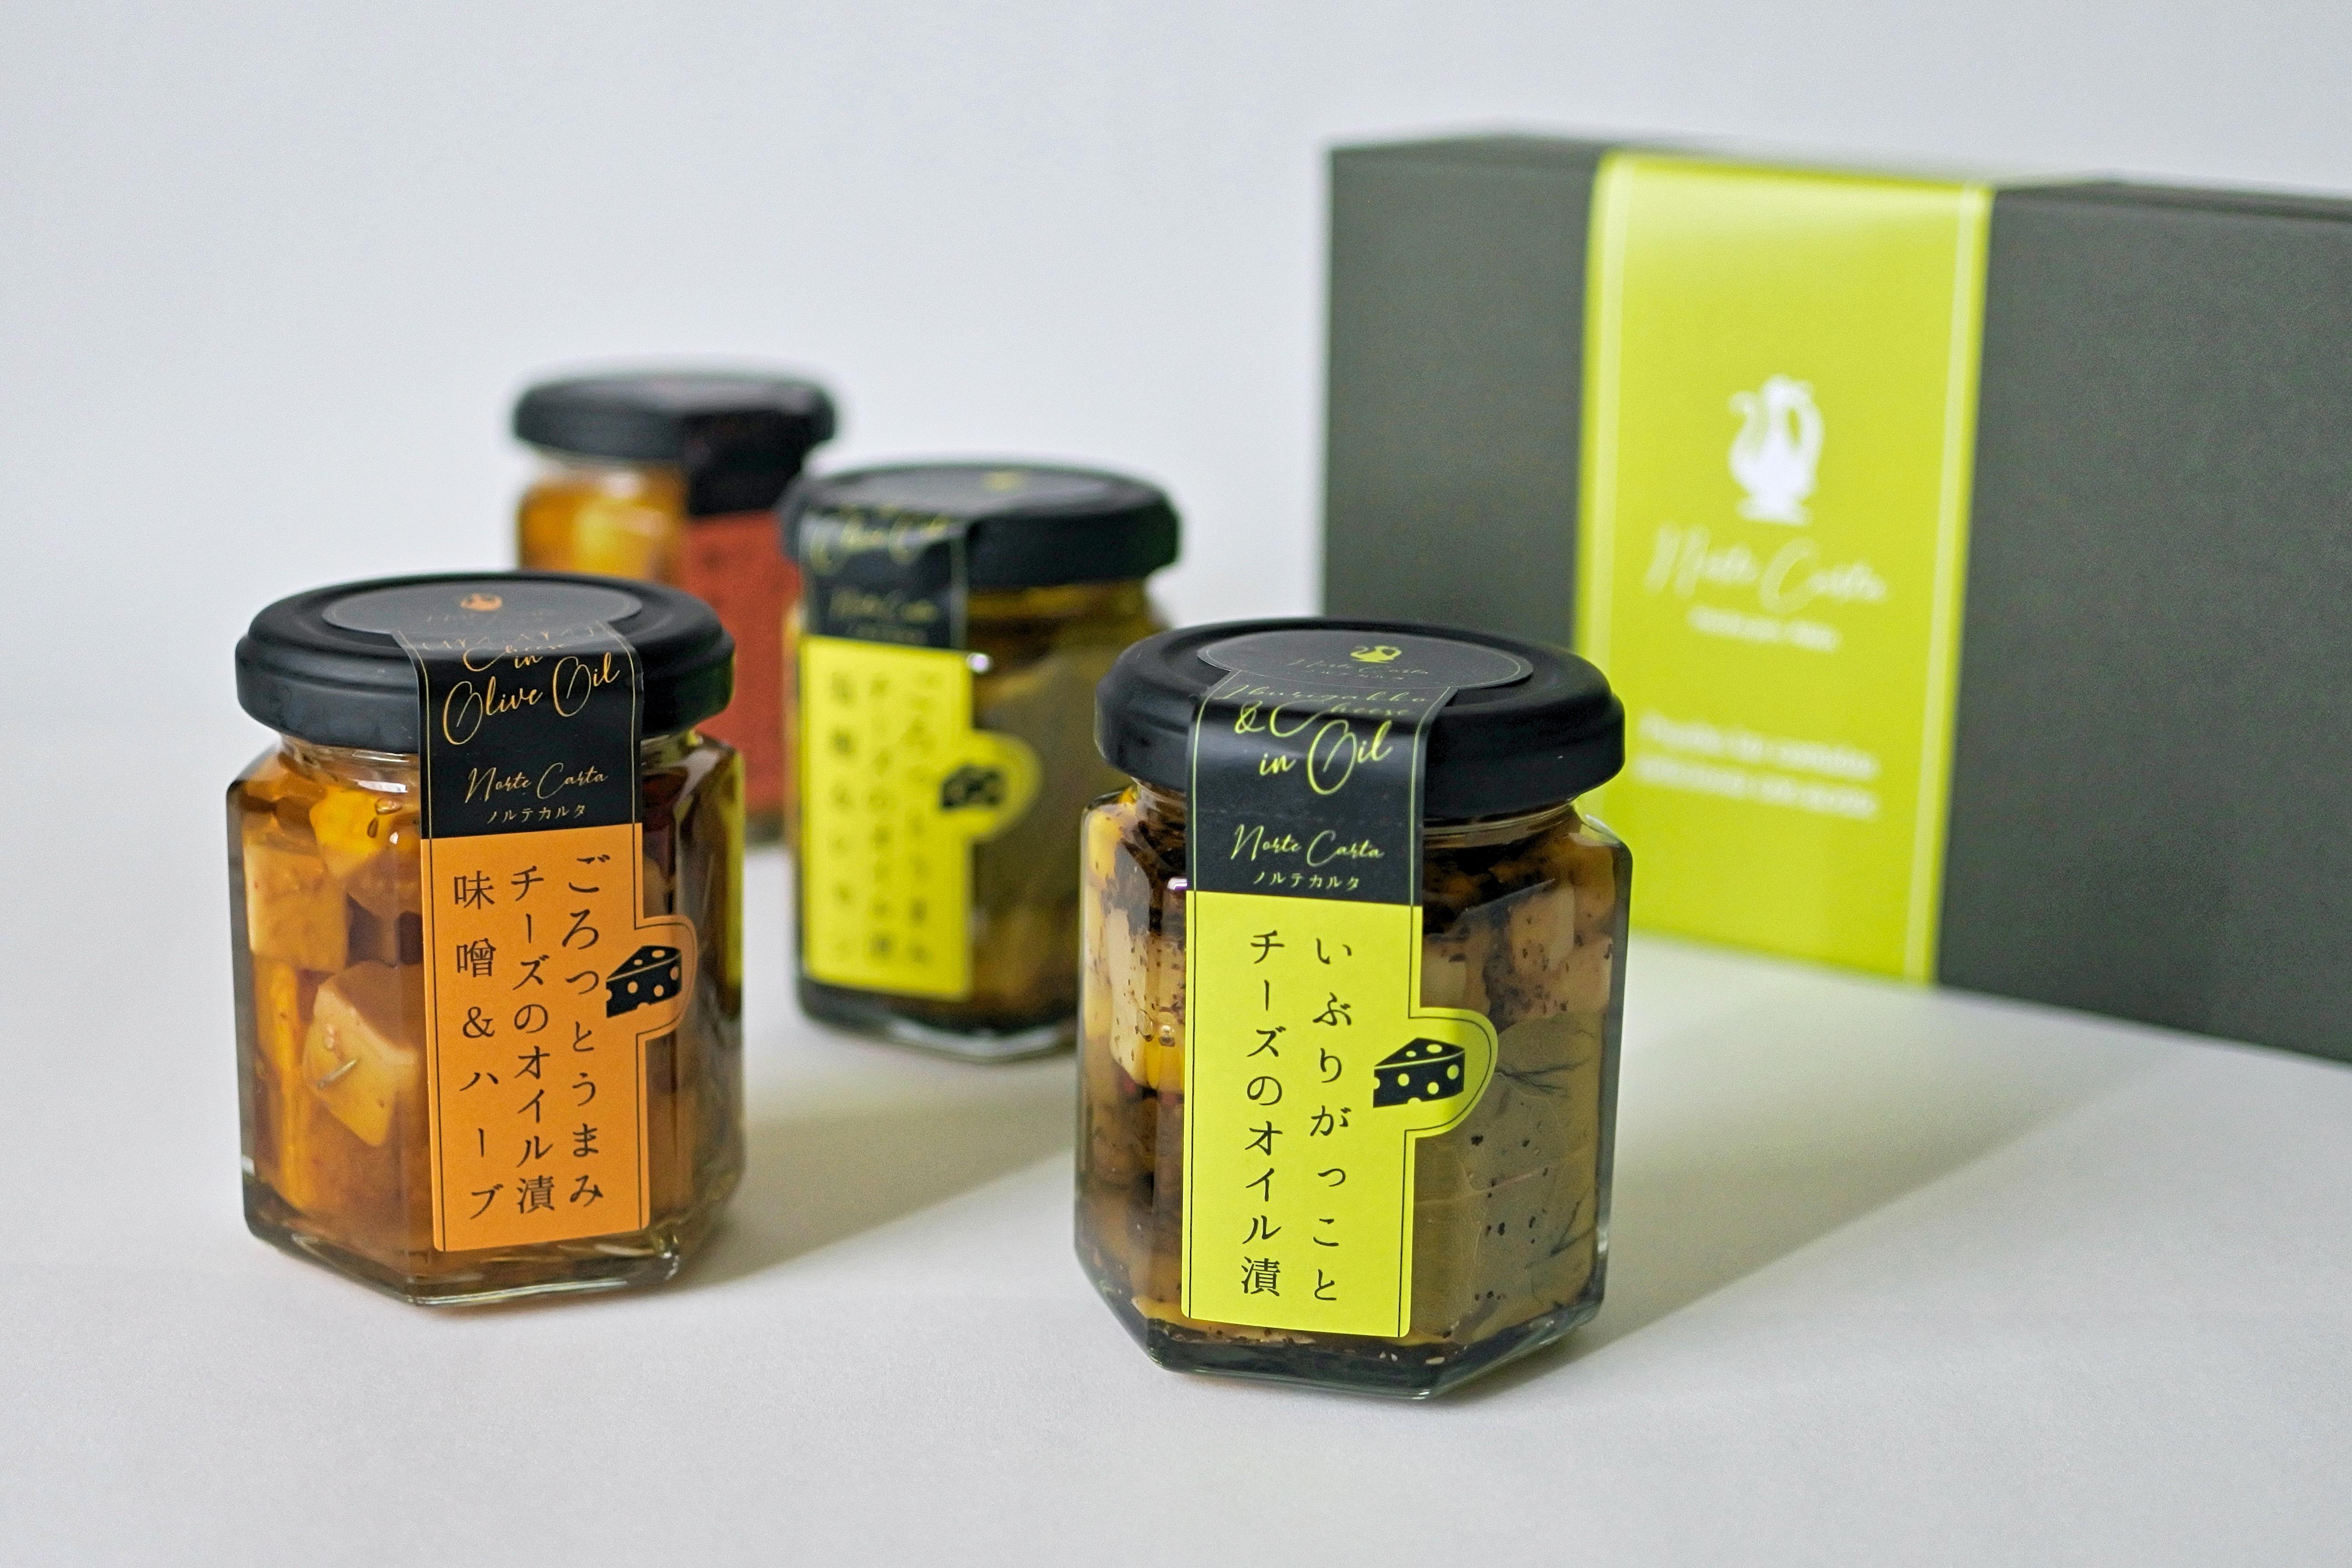 【送料無料】オリジナルギフト箱入:チーズのオイル漬4種ギフトセット